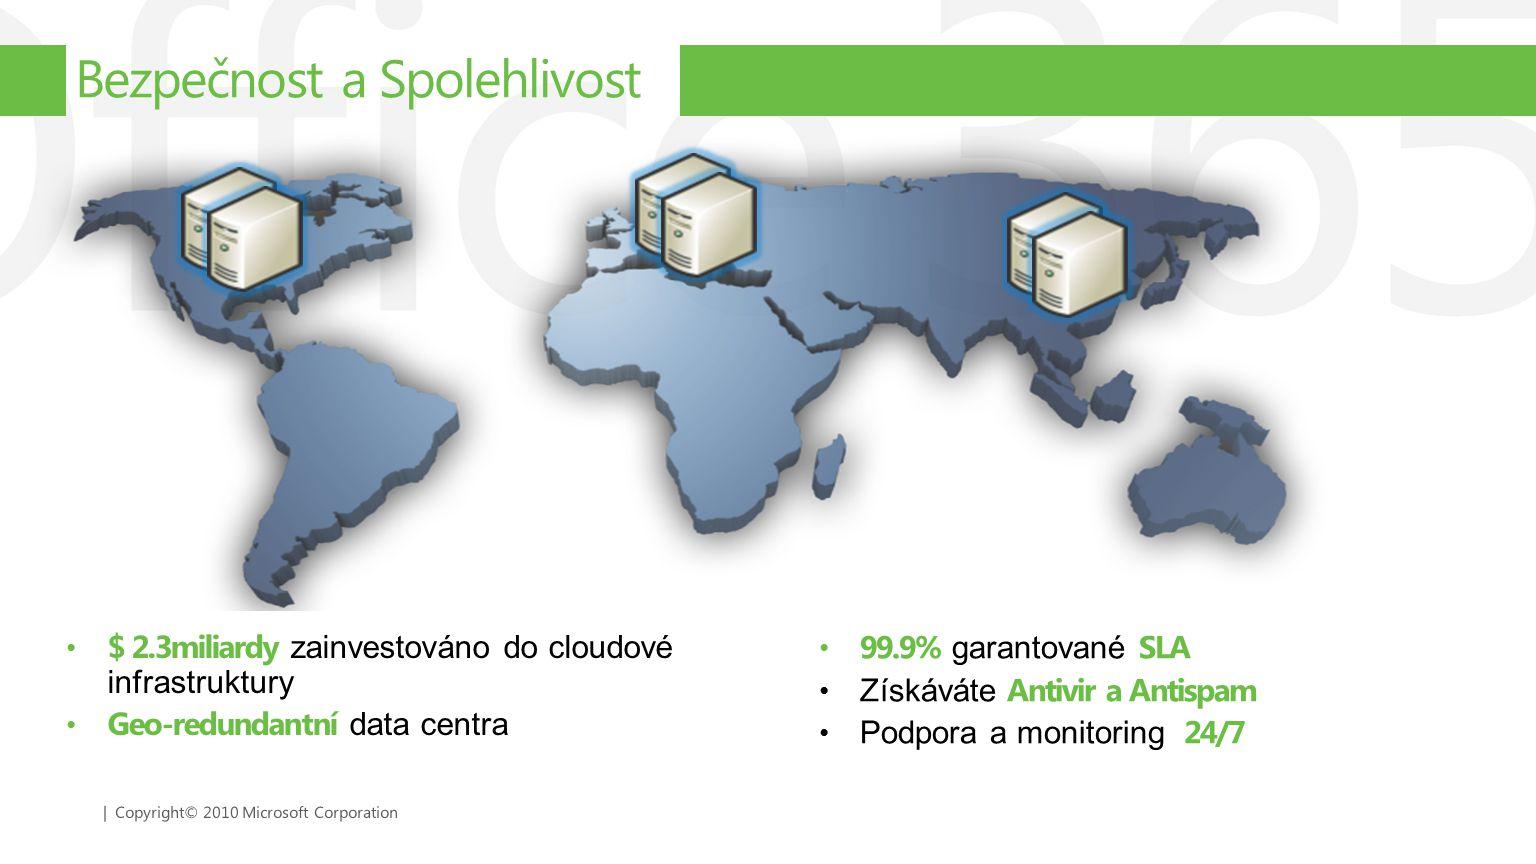 | Copyright© 2010 Microsoft Corporation $ 2.3miliardy zainvestováno do cloudové infrastruktury Geo-redundantní data centra Bezpečnost a Spolehlivost 9